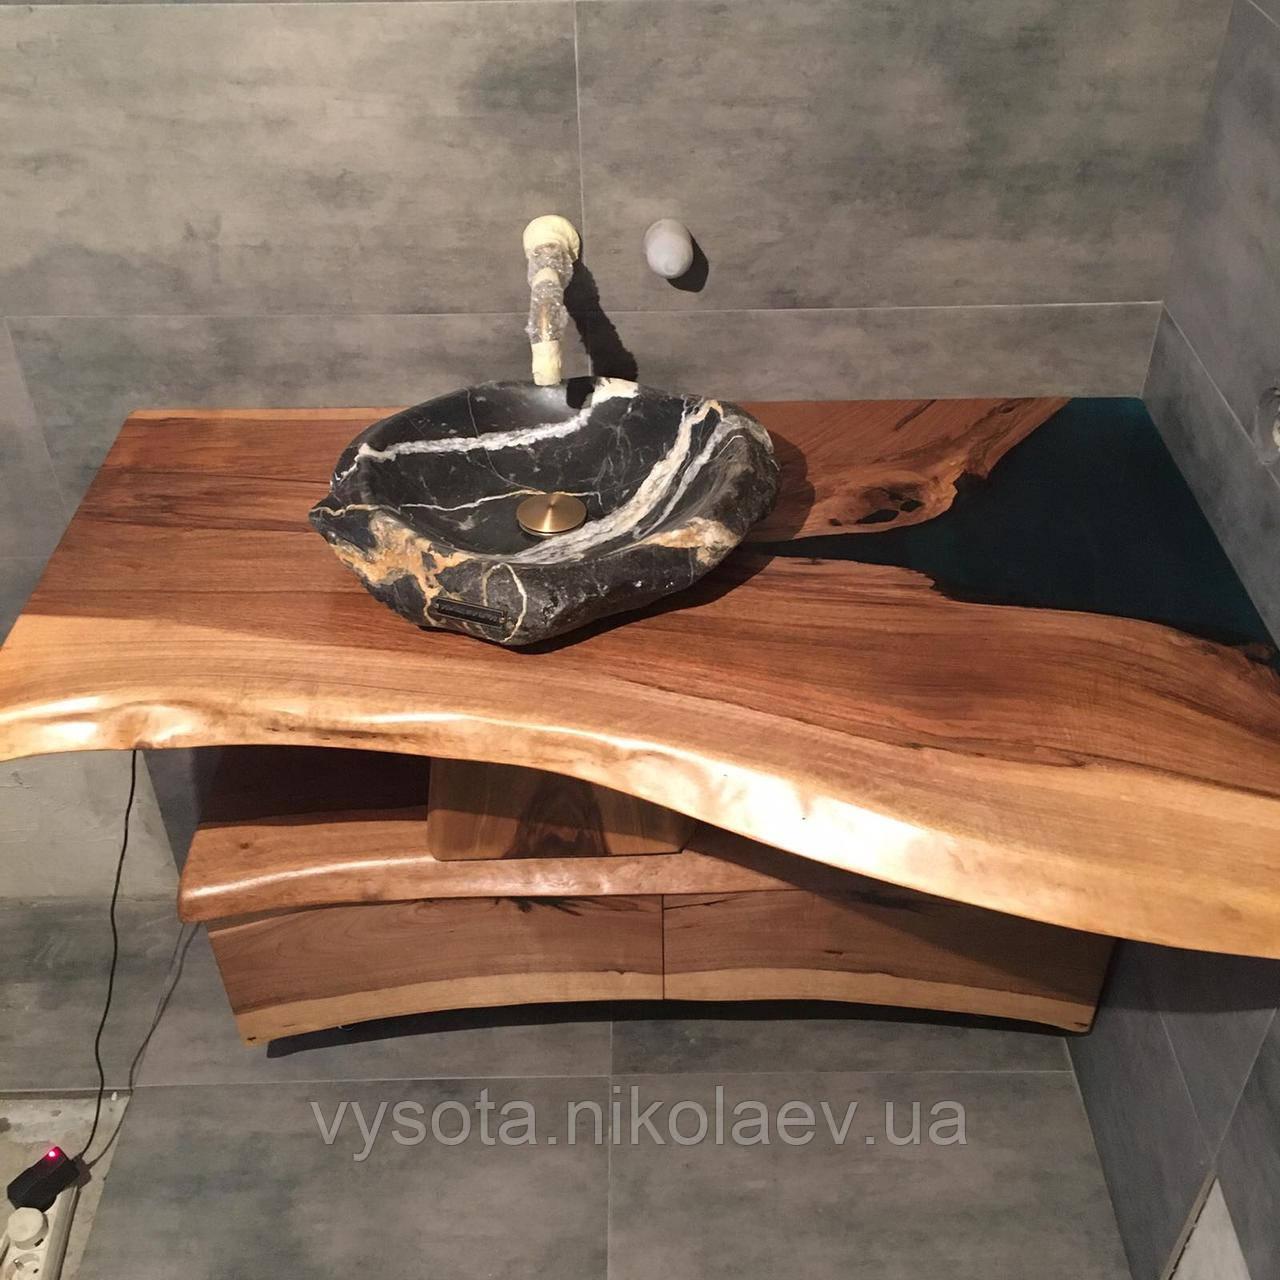 Стільниця - тумба з підсвічуванням у ванну кімнату з підсвічуванням з дерева Горіх